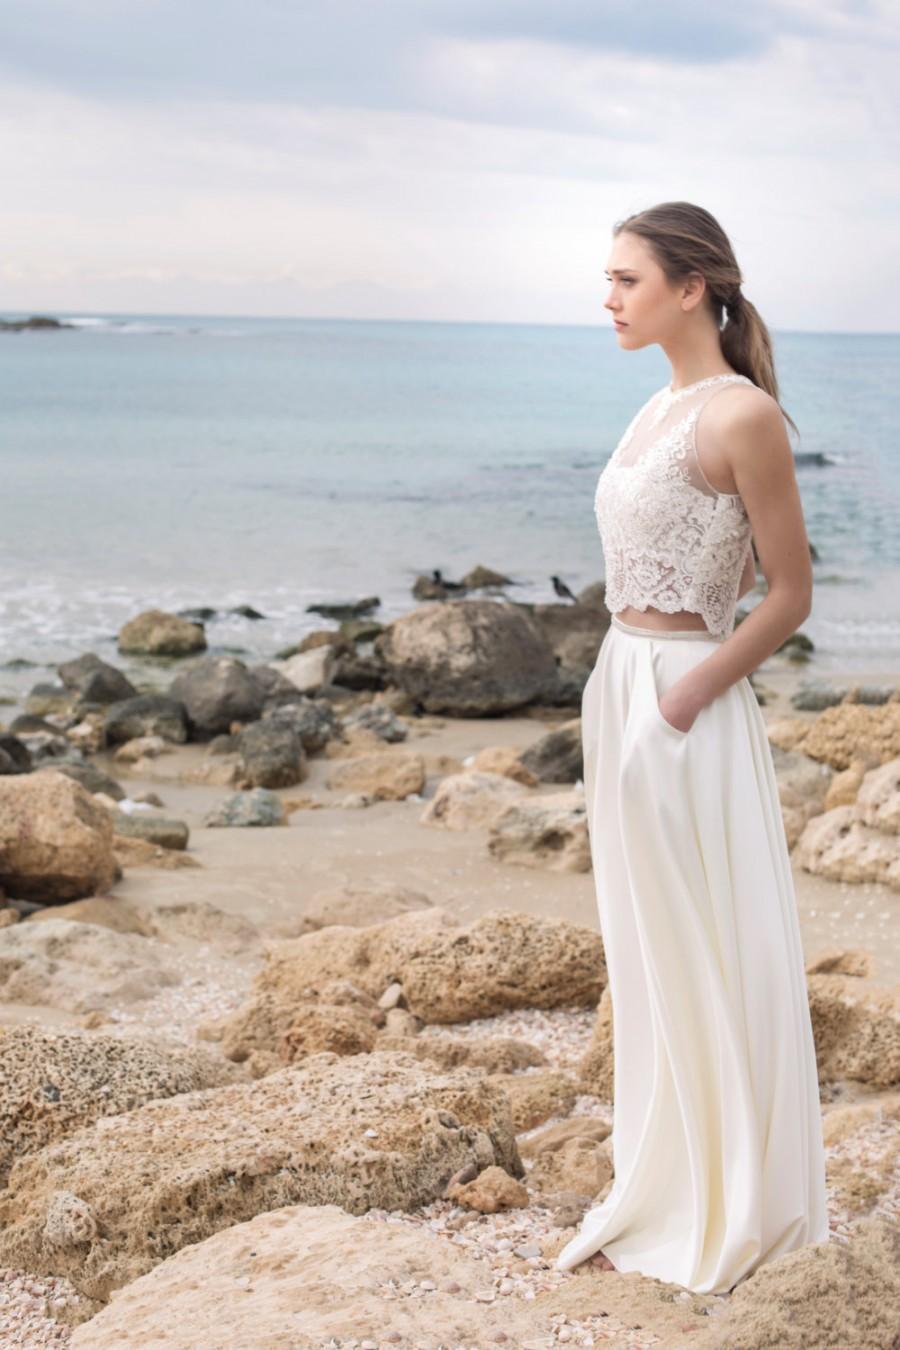 2a9a8c21a3e496 Elegant And 2 Piece Wedding Dress